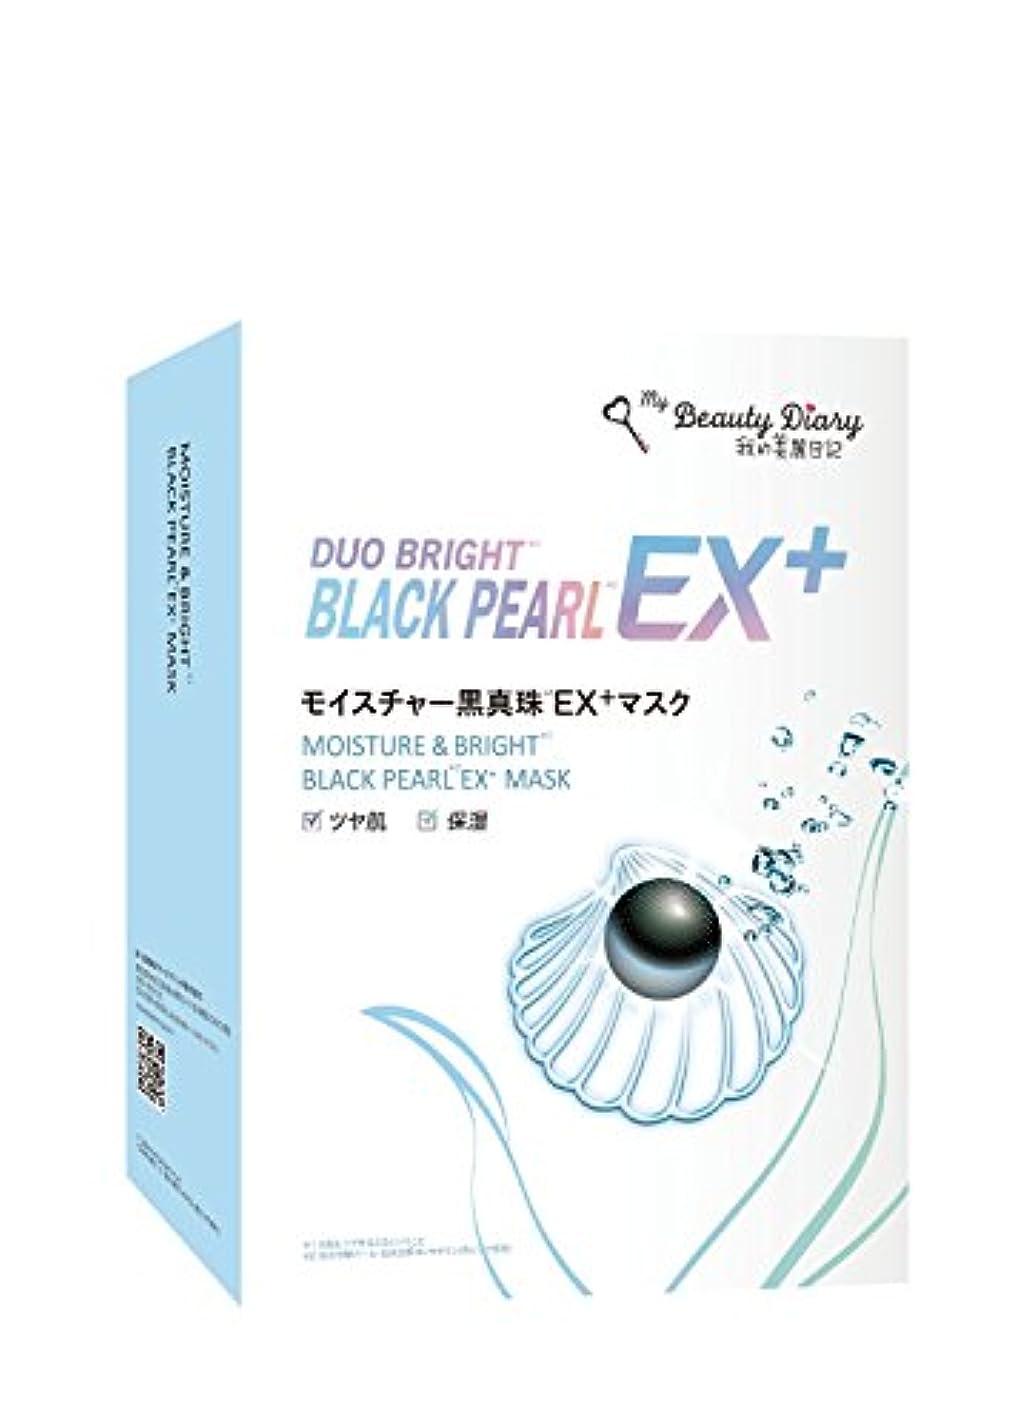 装備するスケジュール廃棄する我的美麗日記-私のきれい日記- モイスチャー黒真珠EX+マスク 6枚入